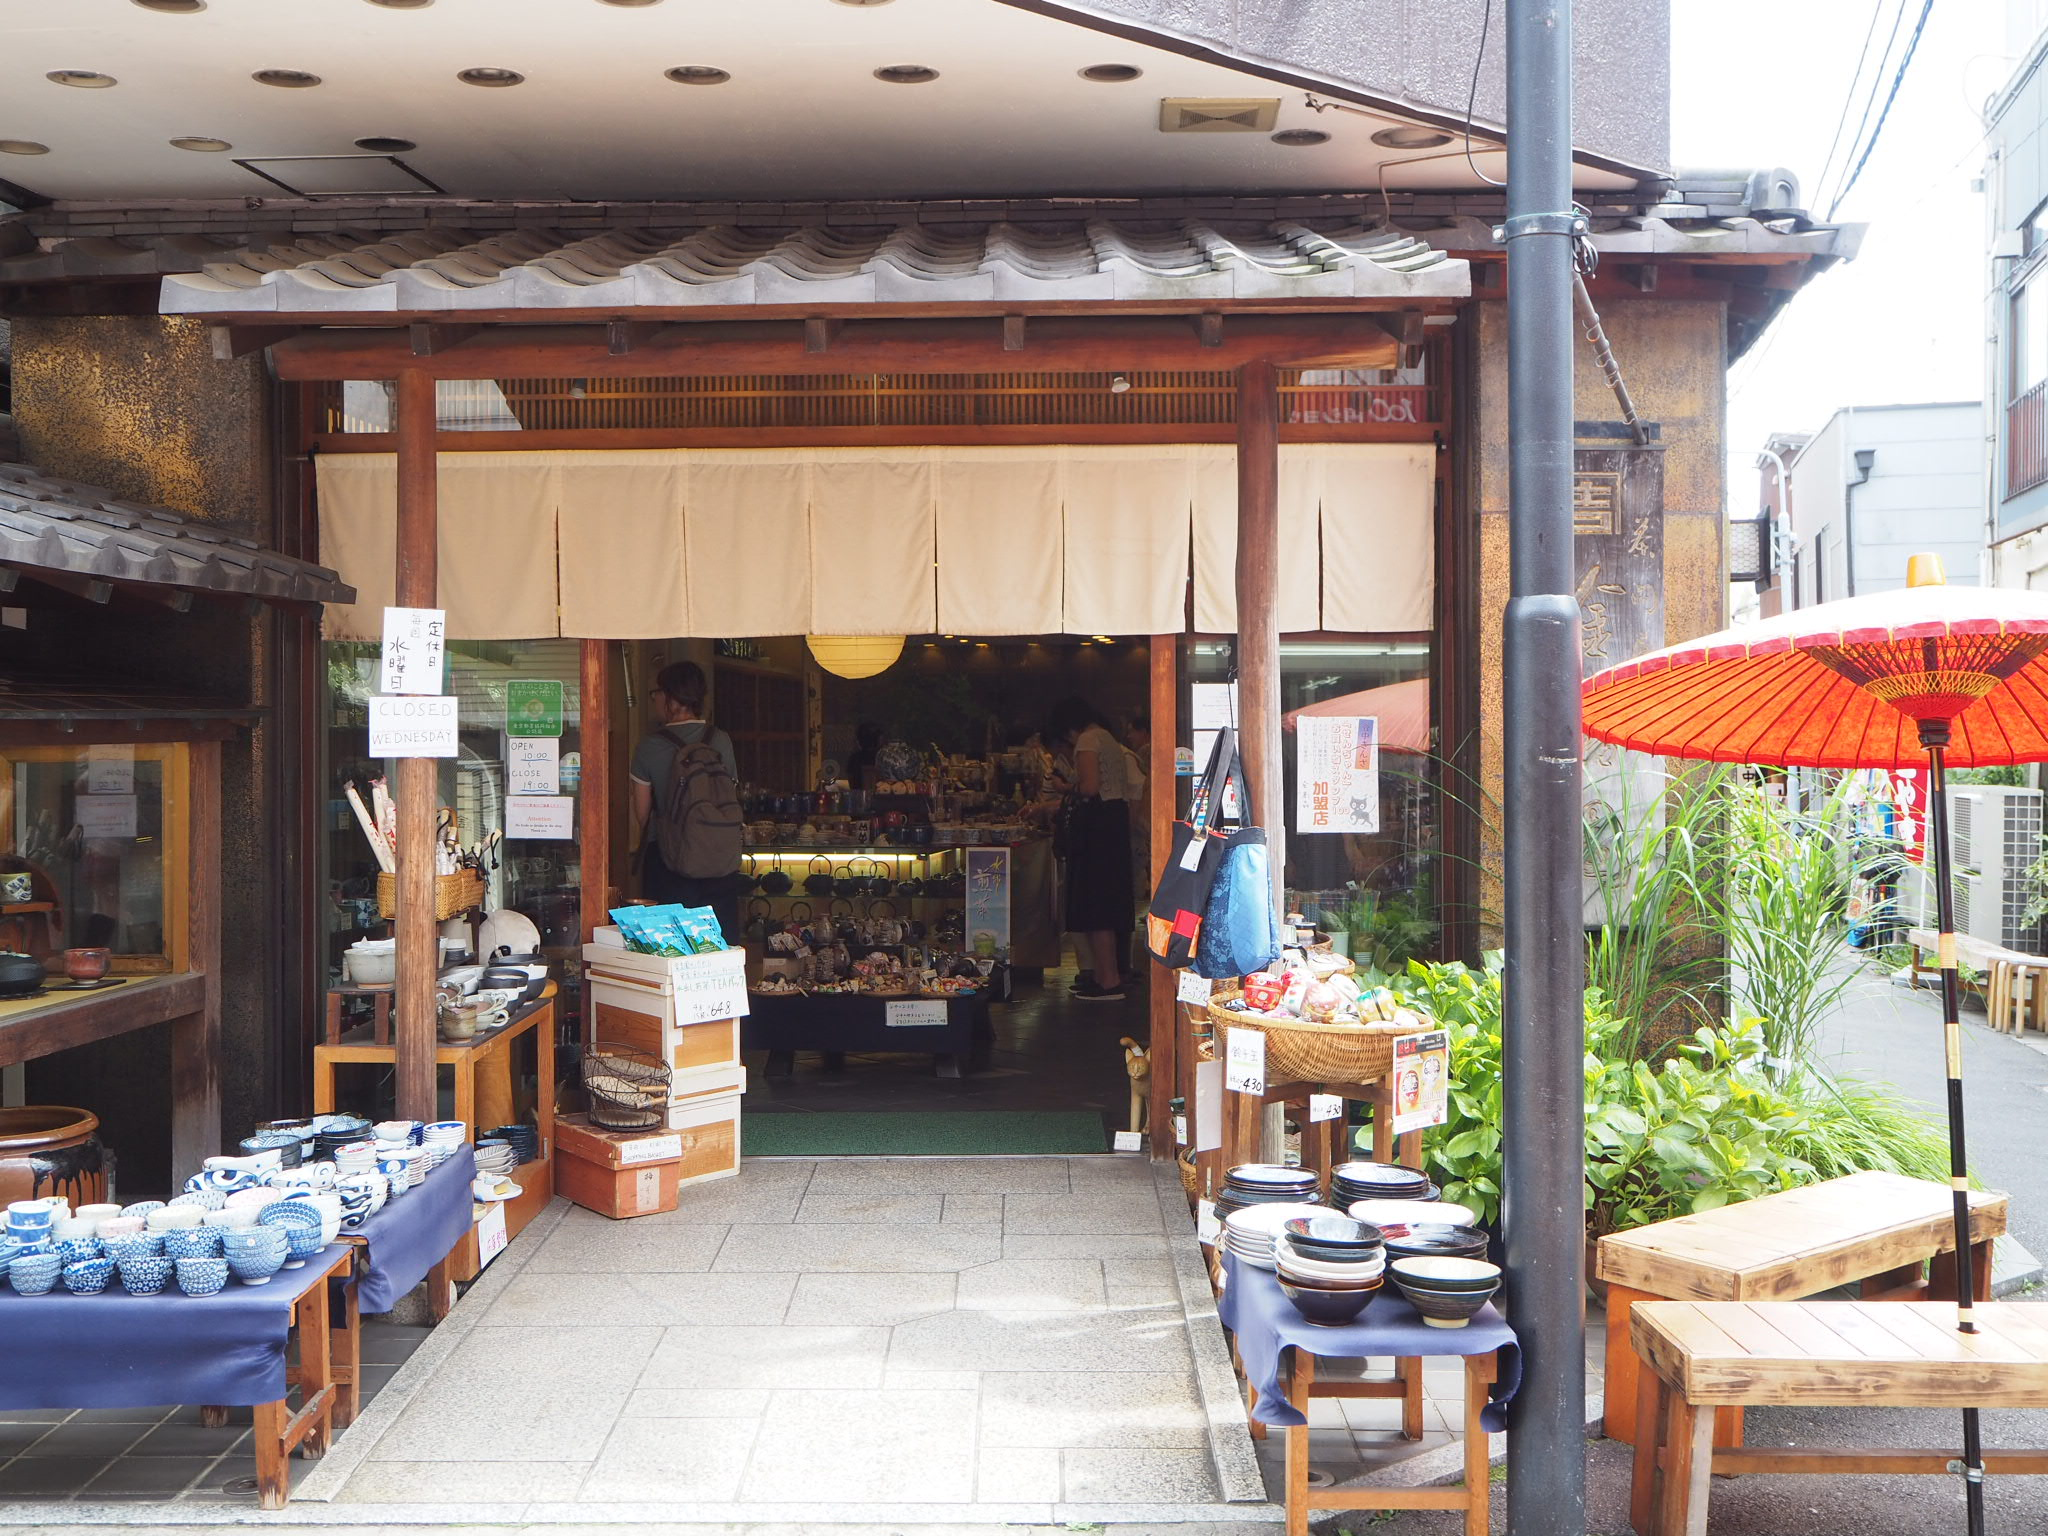 เที่ยวญี่ปุ่น เที่ยวโตเกียว ที่เที่ยวโตเกียว โตเกียว ญี่ปุ่น